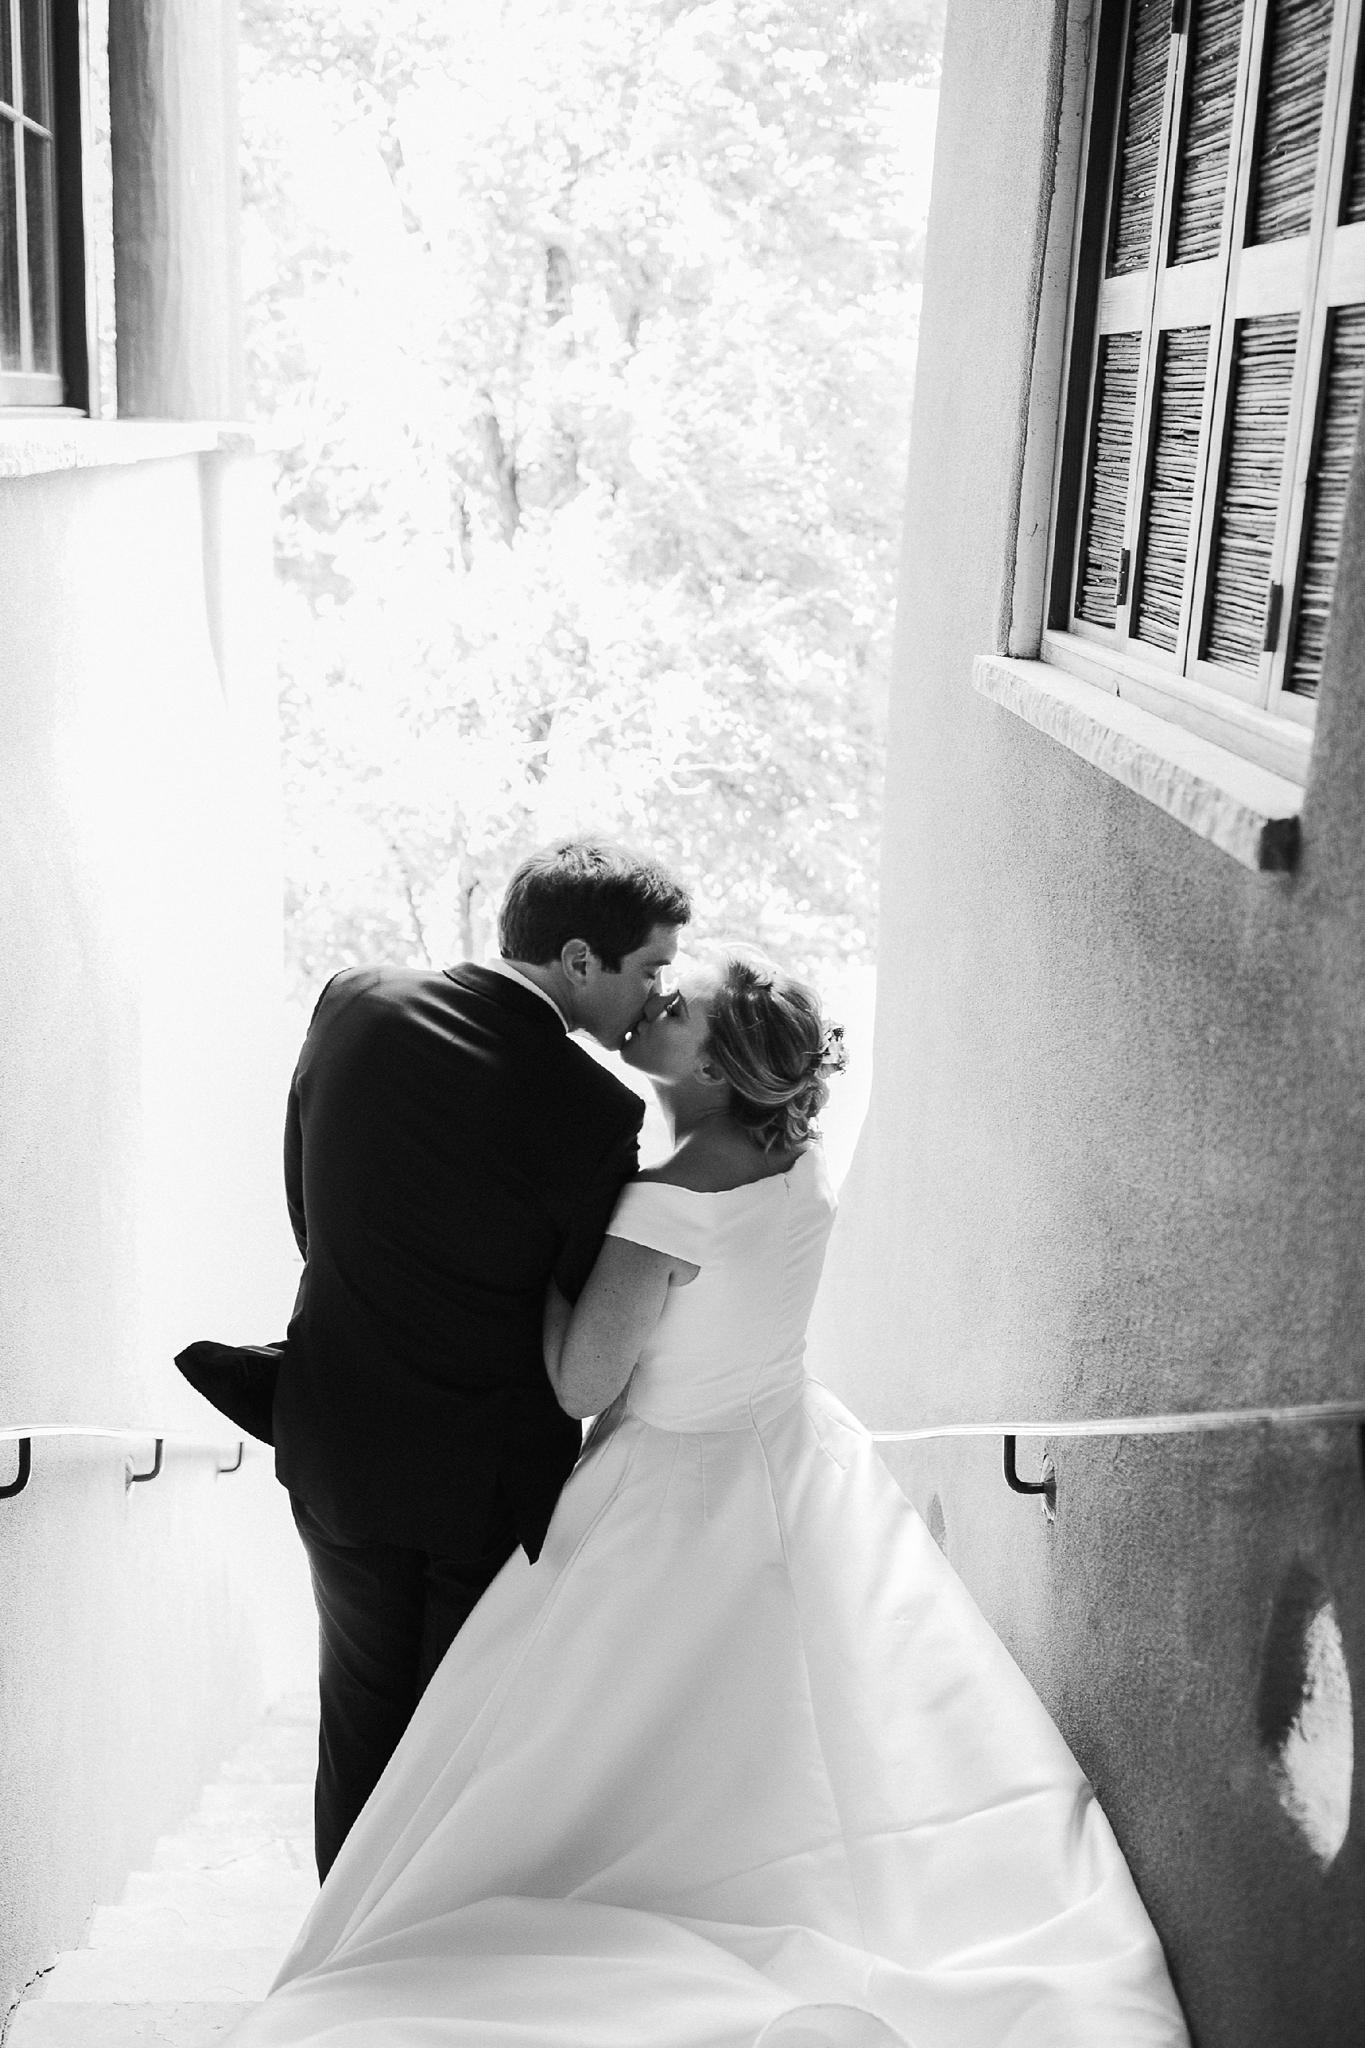 Alicia+lucia+photography+-+albuquerque+wedding+photographer+-+santa+fe+wedding+photography+-+new+mexico+wedding+photographer+-+new+mexico+wedding+-+las+campanas+wedding+-+santa+fe+wedding+-+maximalist+wedding+-+destination+wedding_0083.jpg